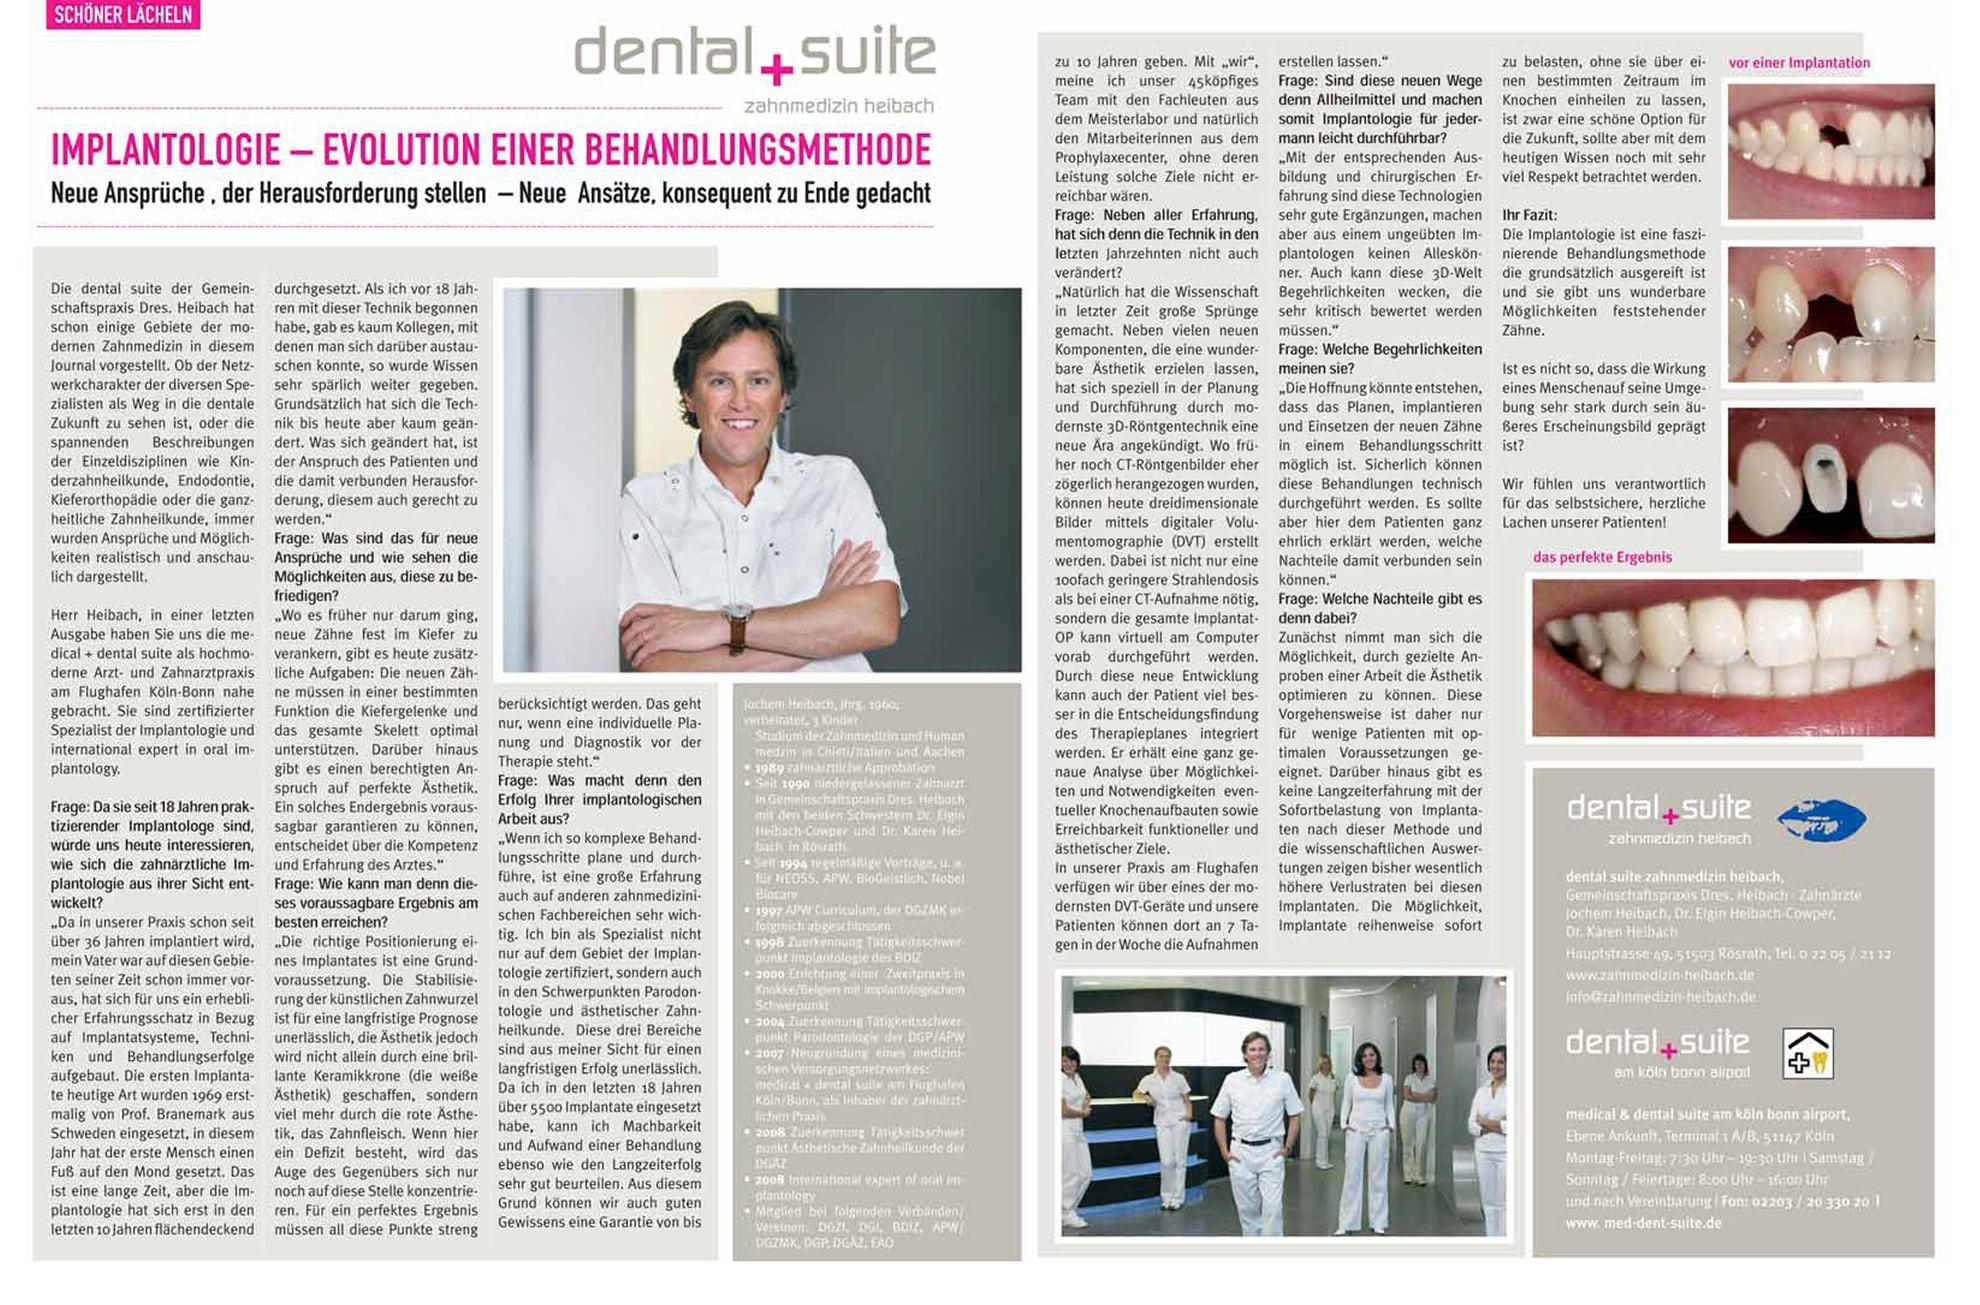 Z-MVZ dental suite - Pressemitteilung: Implantologie - Evolution einer Behandlungsmethode